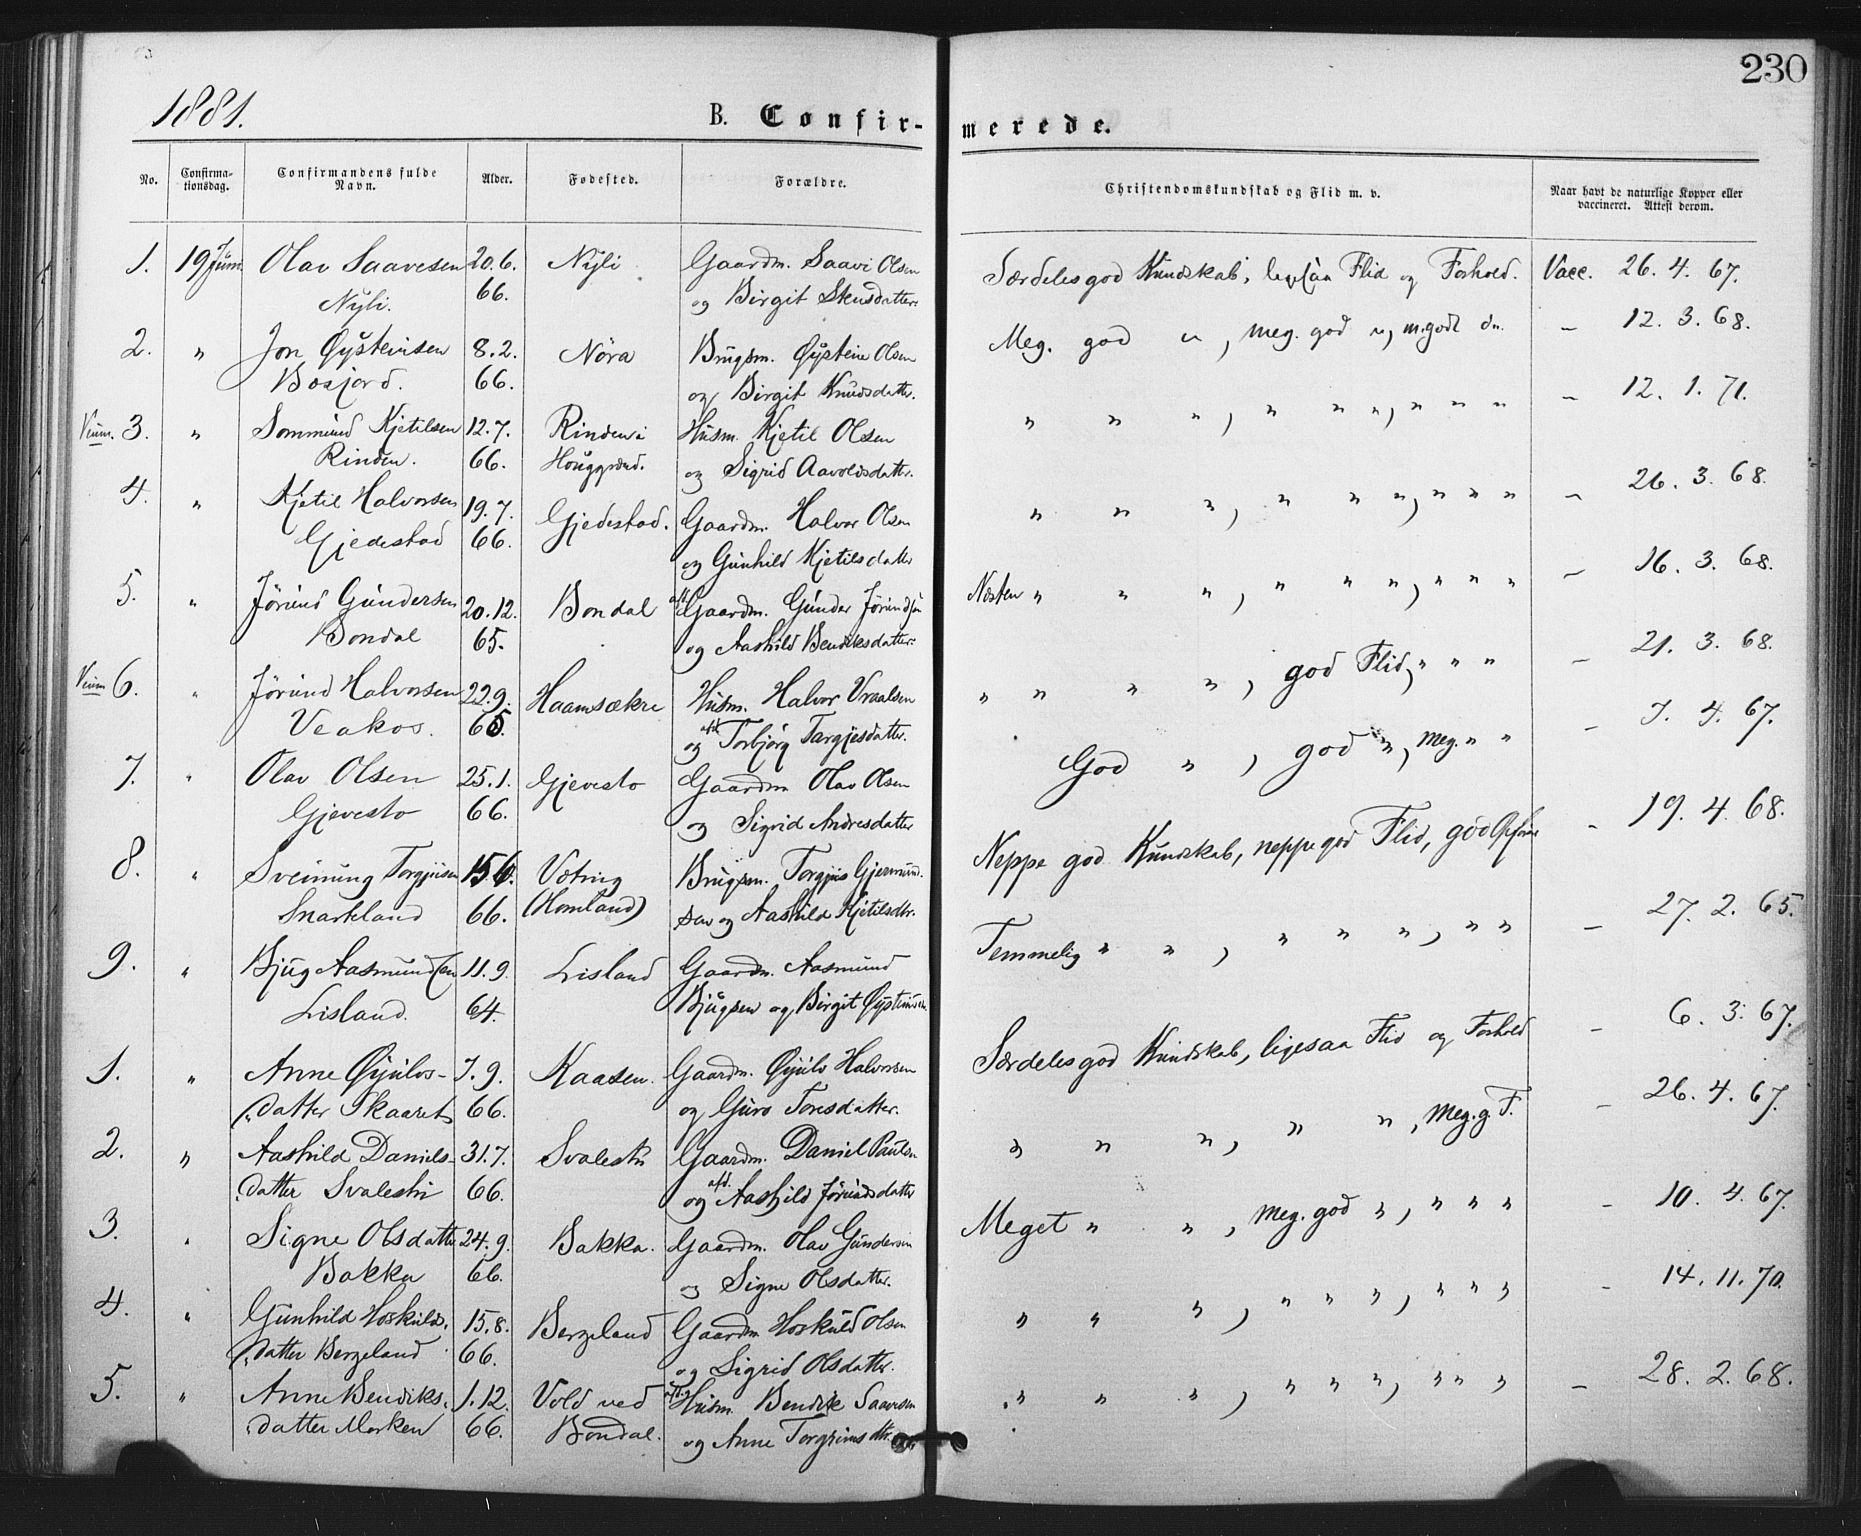 SAKO, Fyresdal kirkebøker, F/Fa/L0006: Ministerialbok nr. I 6, 1872-1886, s. 230